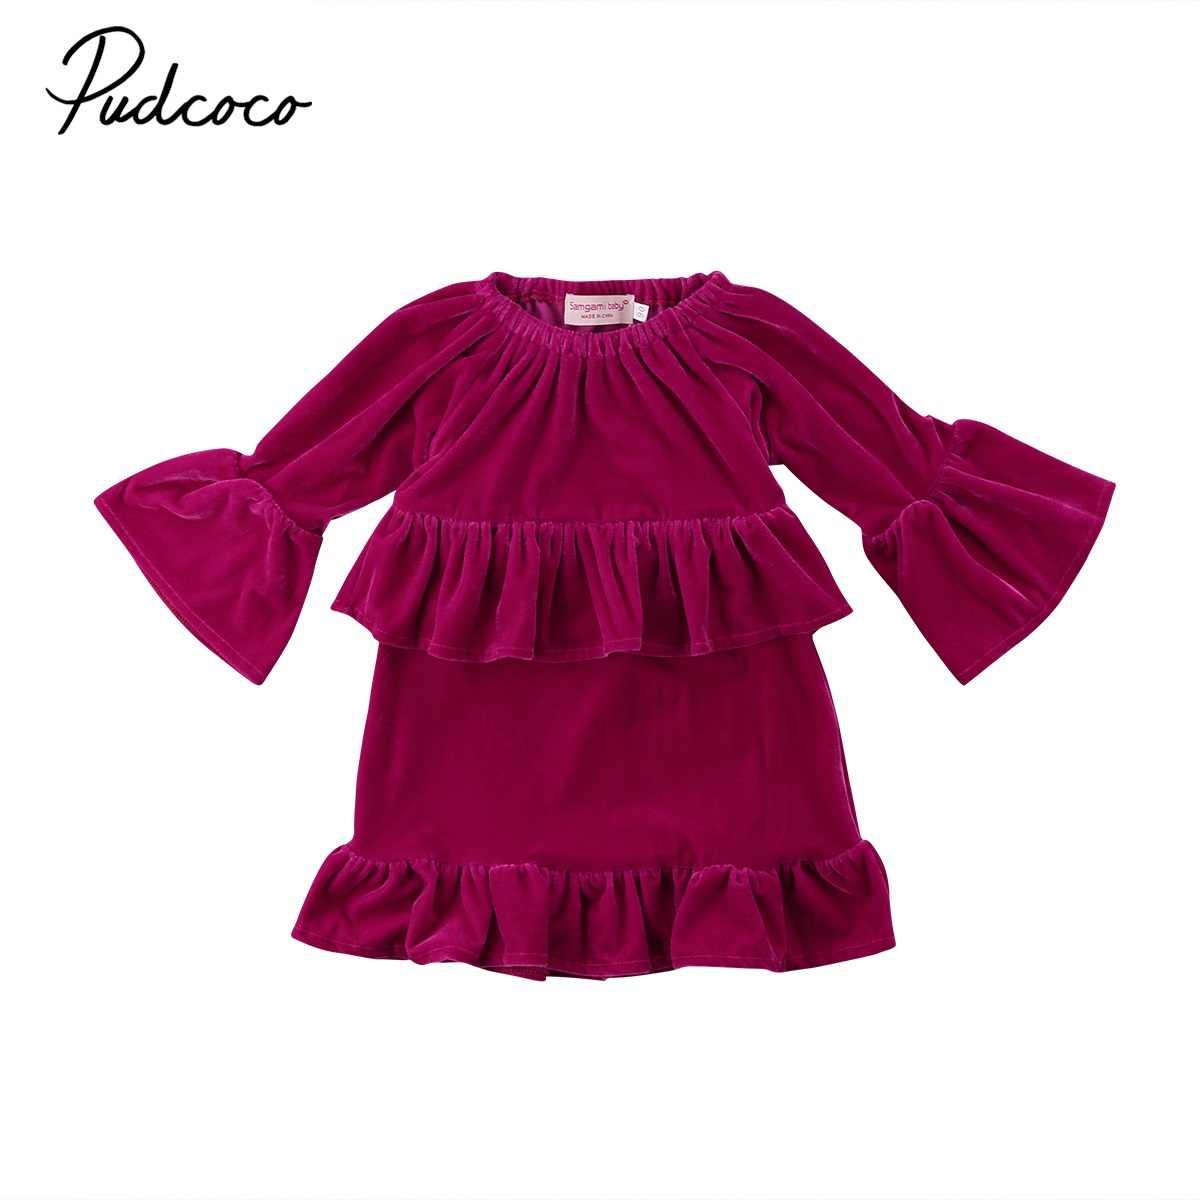 6c3c2221b6c 2018 Фирменная Новинка для малышей Одежда для детей  малышей  девочек  принцесса бархат рюшами платье